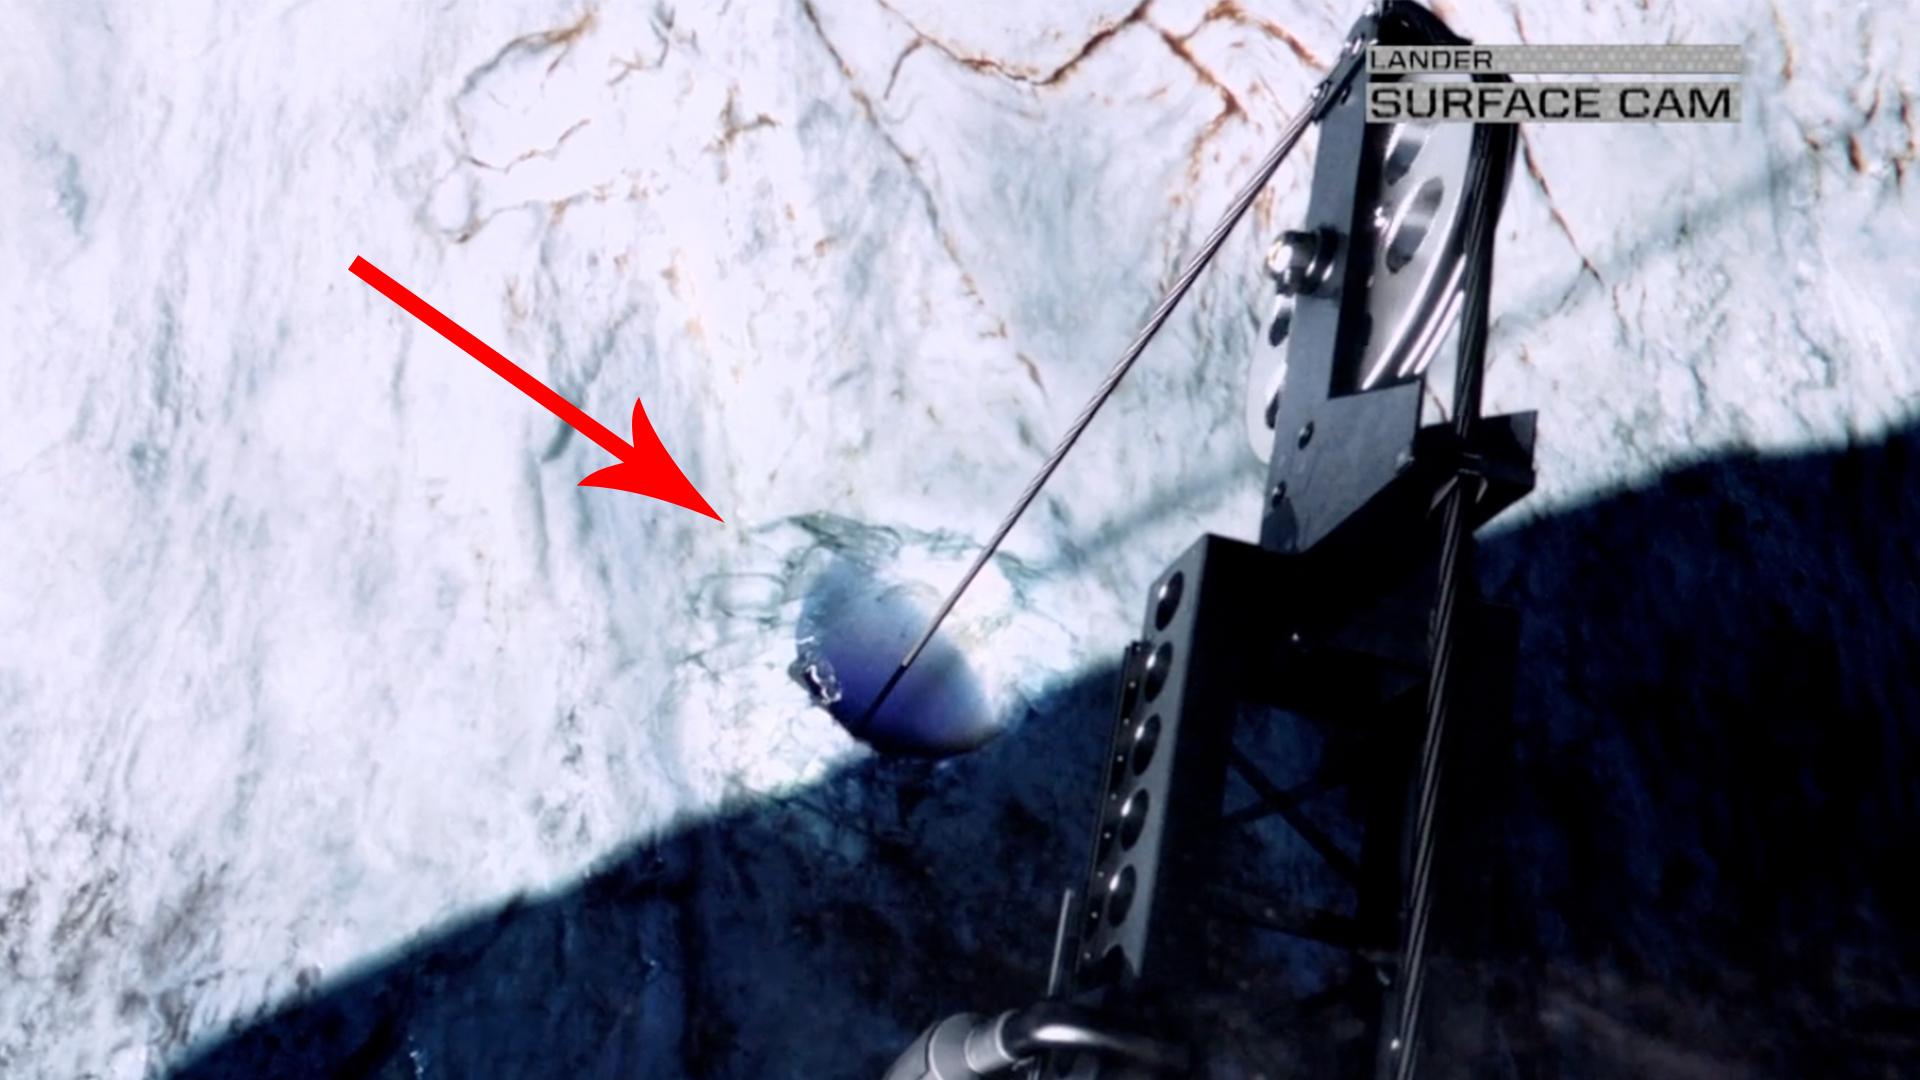 宇航员在异星球打洞研究,却惊扰地下怪物,最终全军覆没